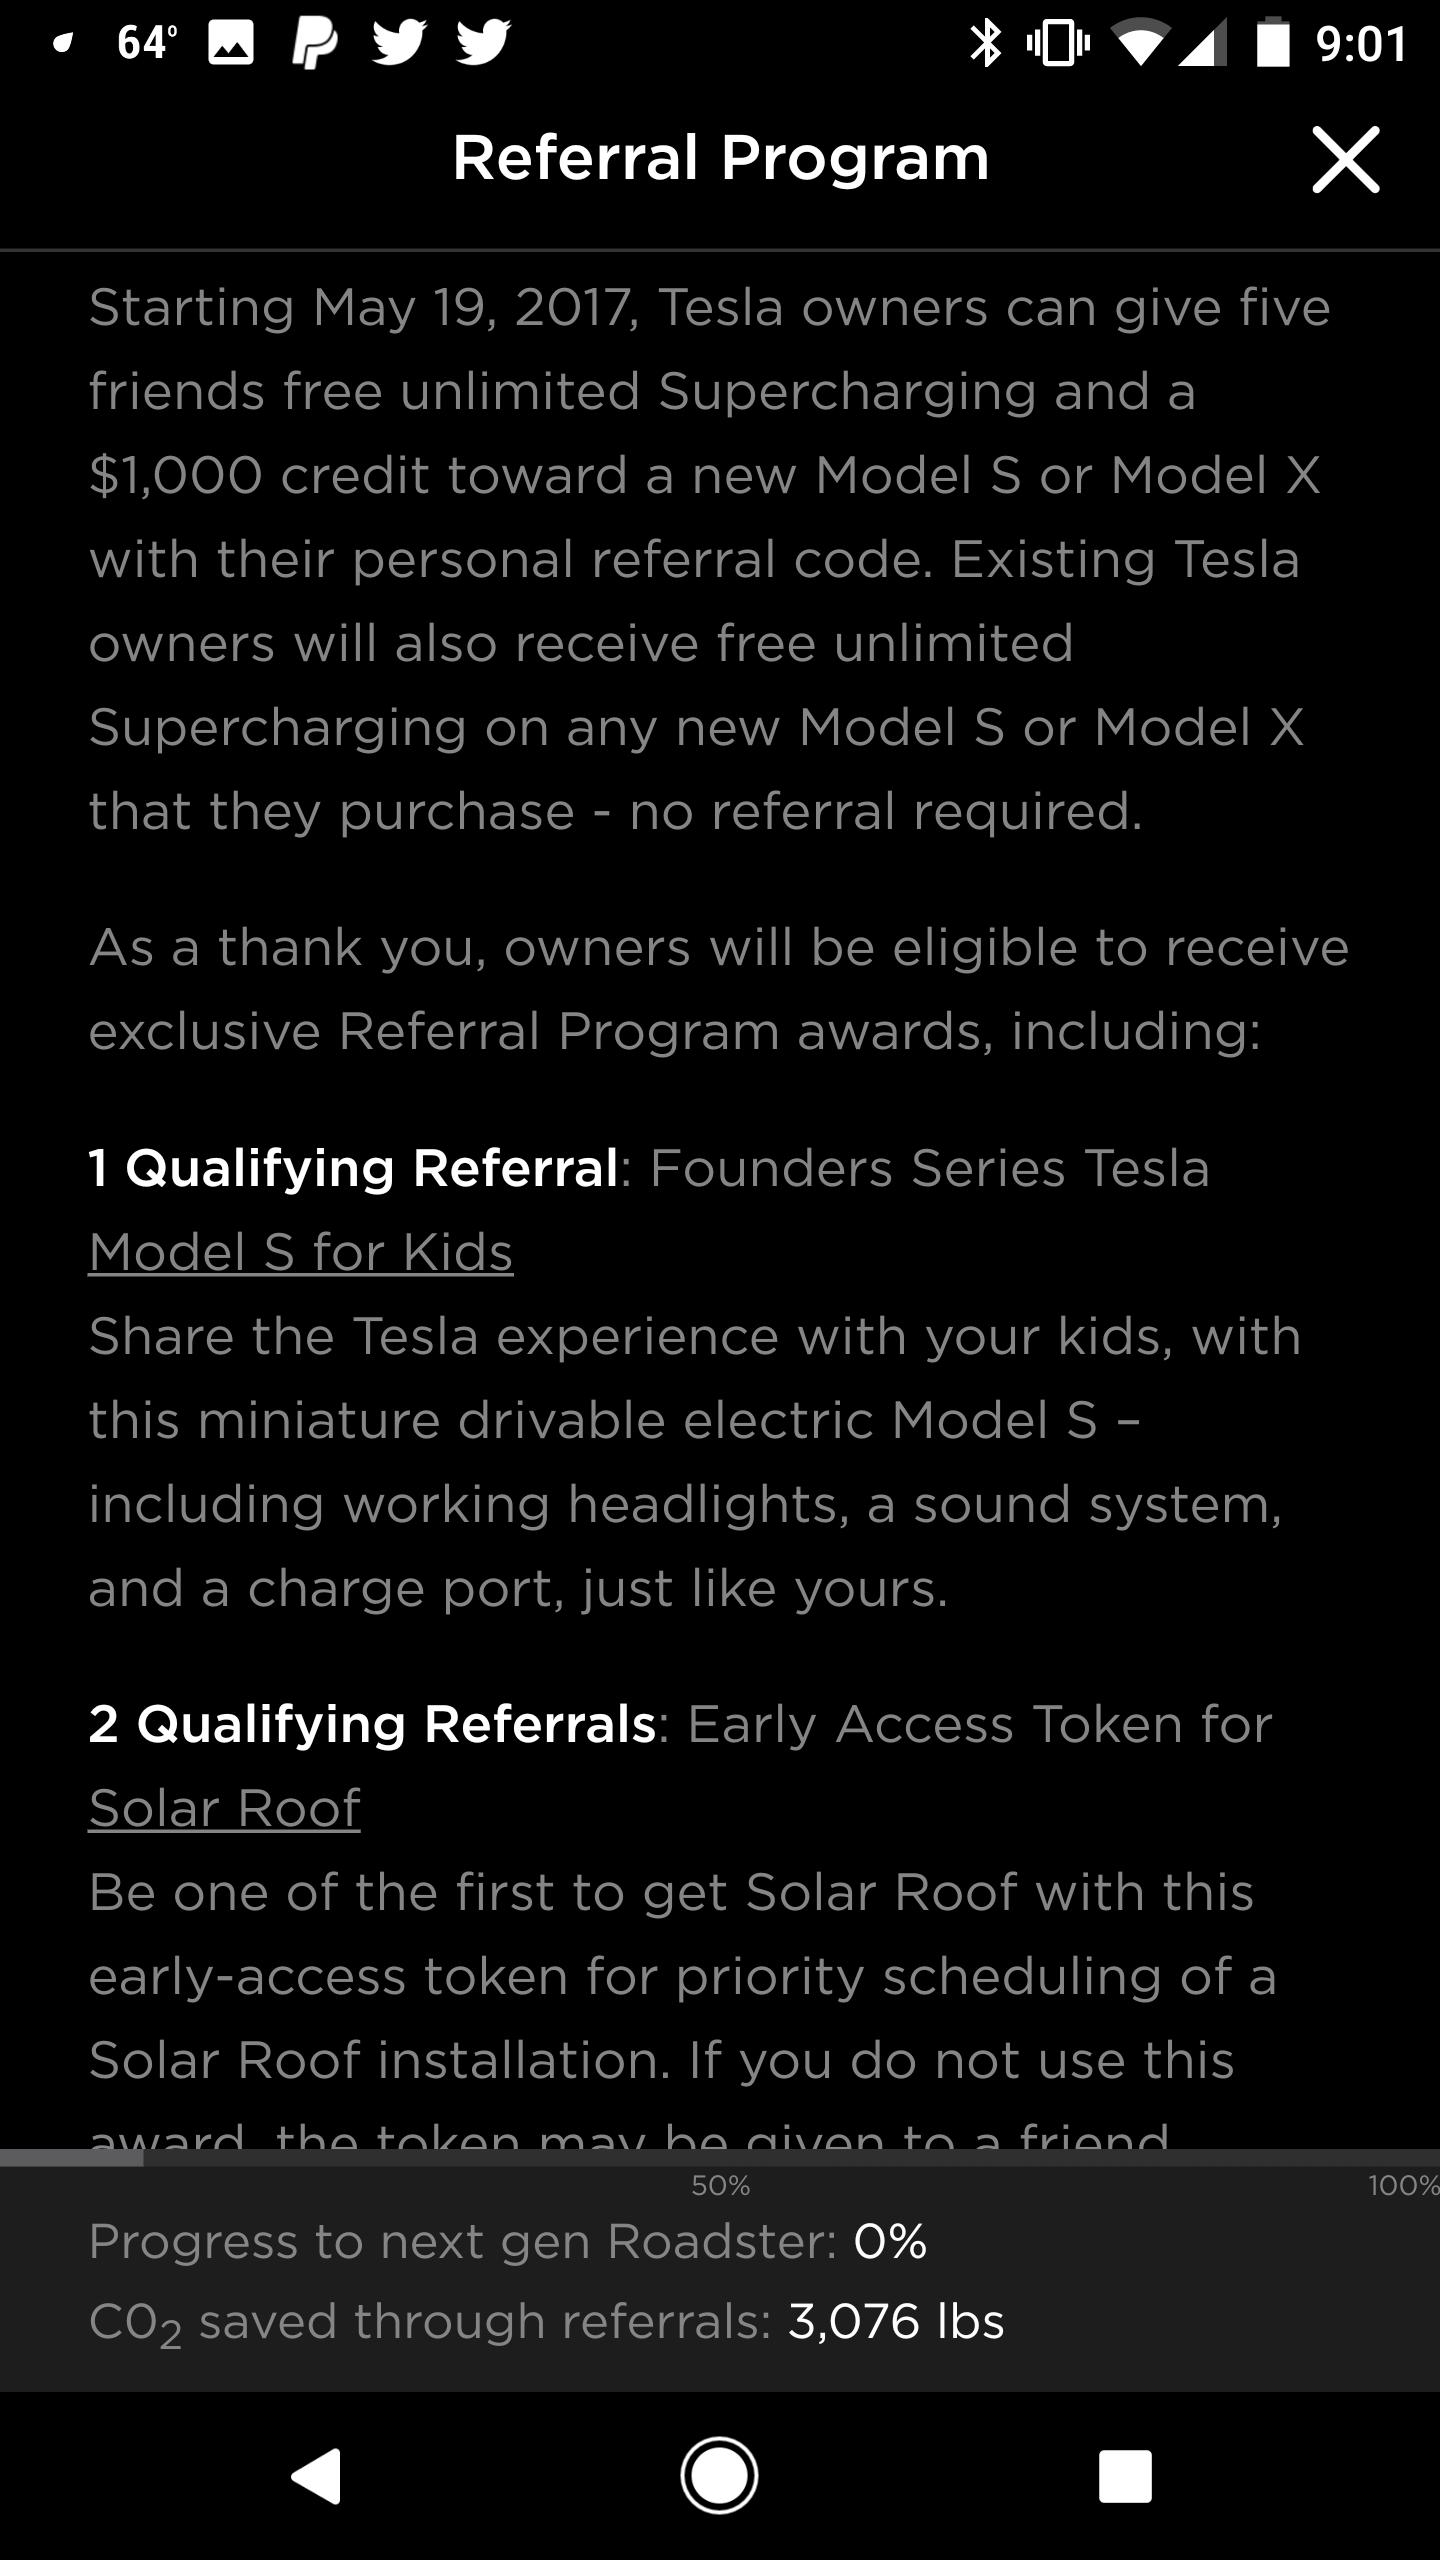 Tesla Next Gen Roadster 10% discount appears in referral program